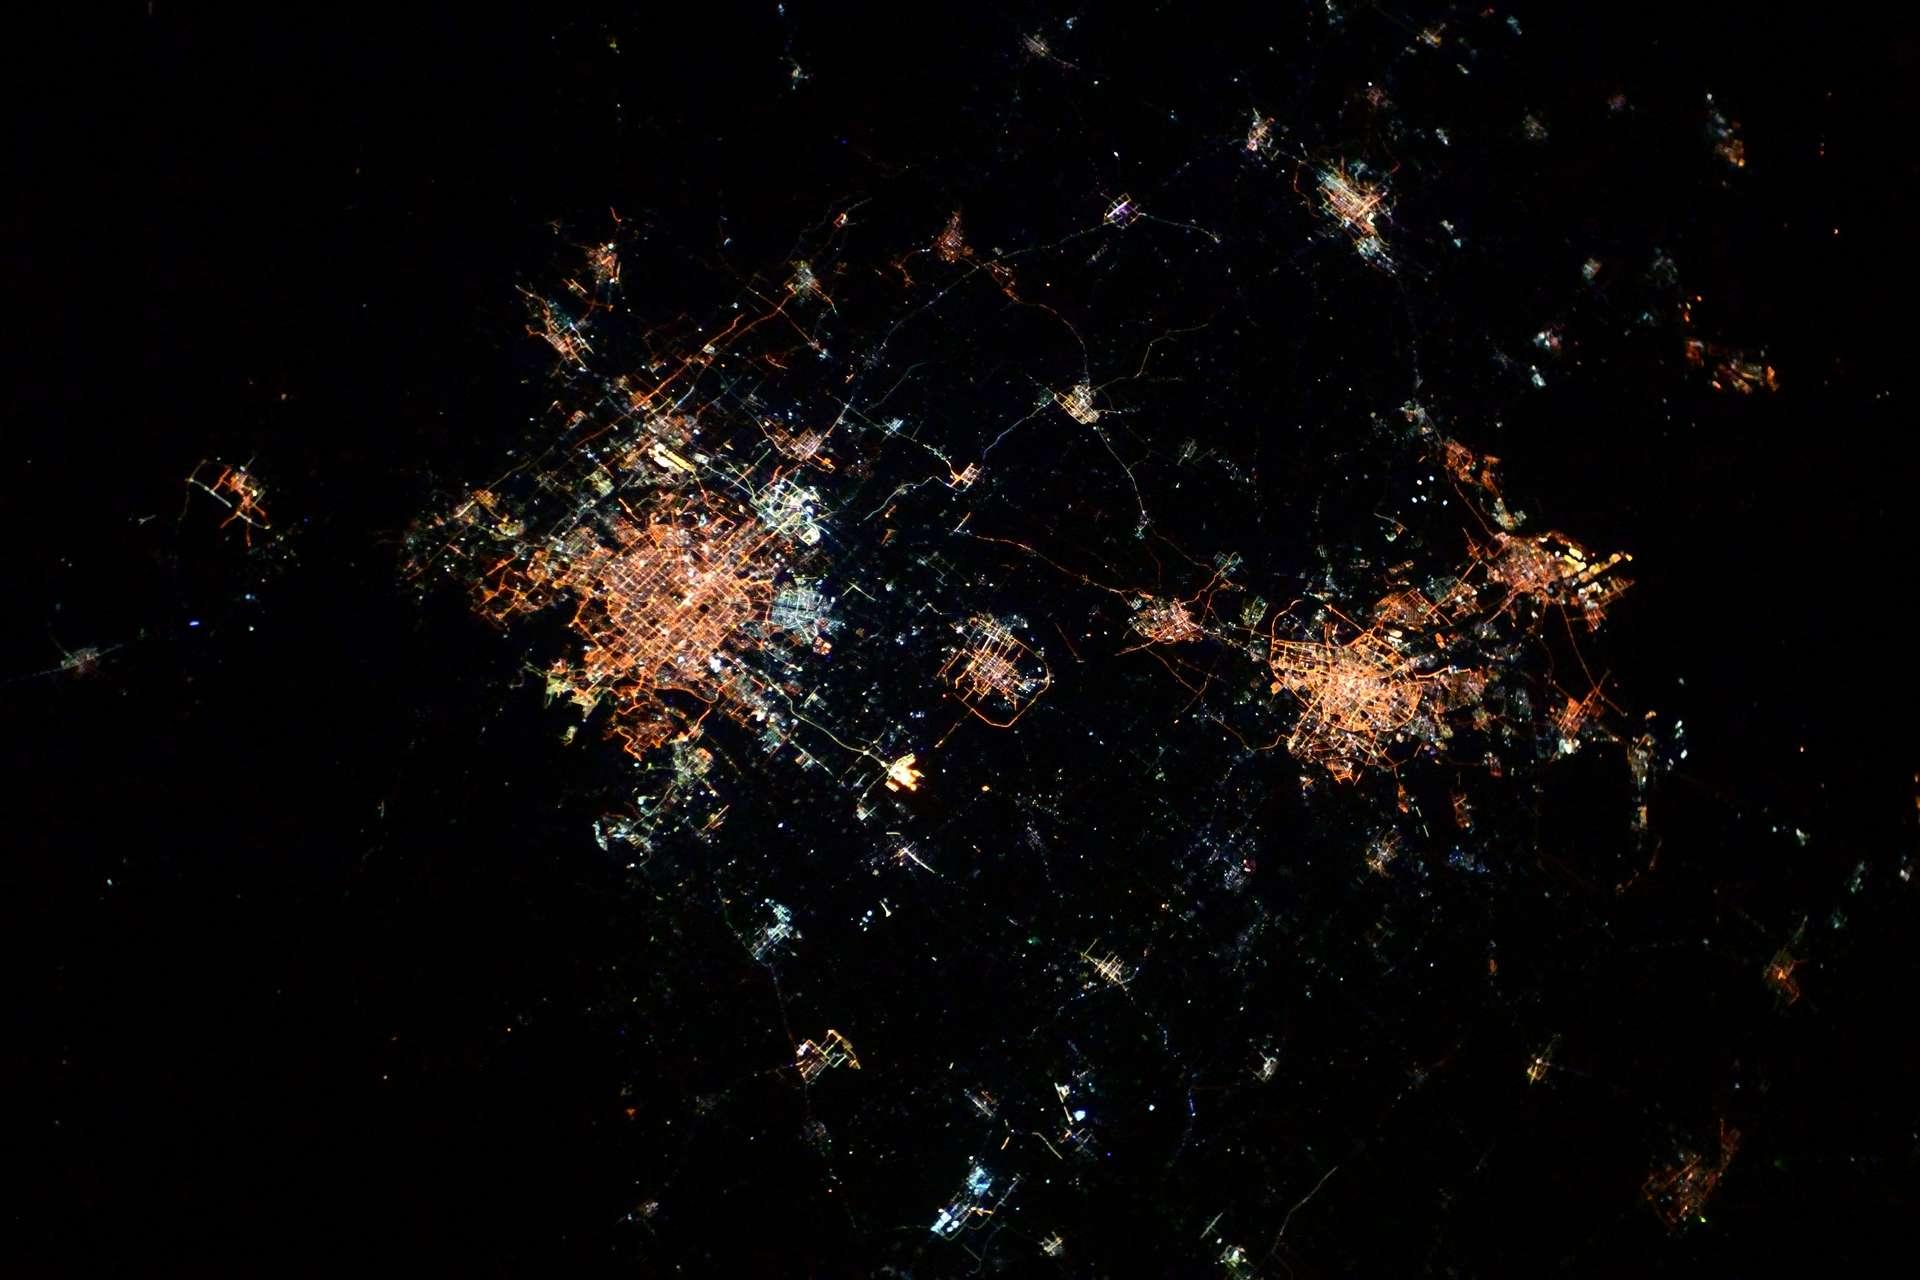 Voici les villes Beijing (Pékin) et Tianjin, très visibles de nuit, photographiées par Thomas Pesquet, en 2021. © ESA/Nasa–Thomas Pesquet